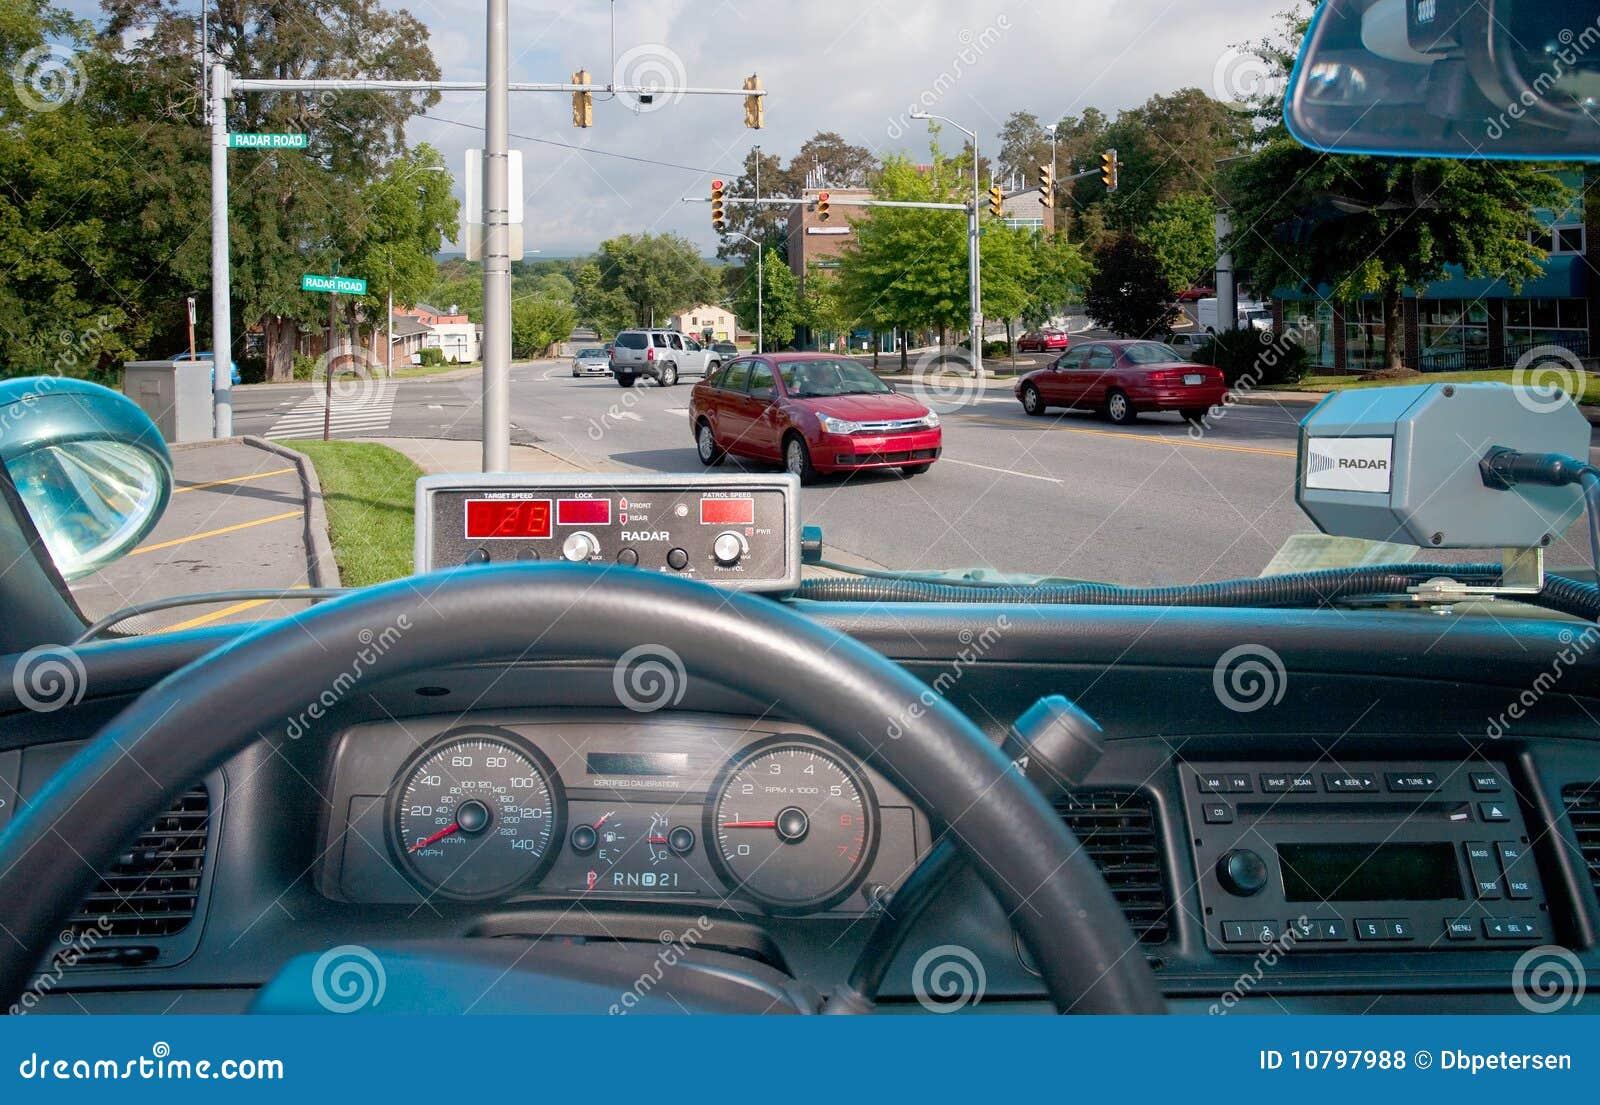 De Radar van het verkeer